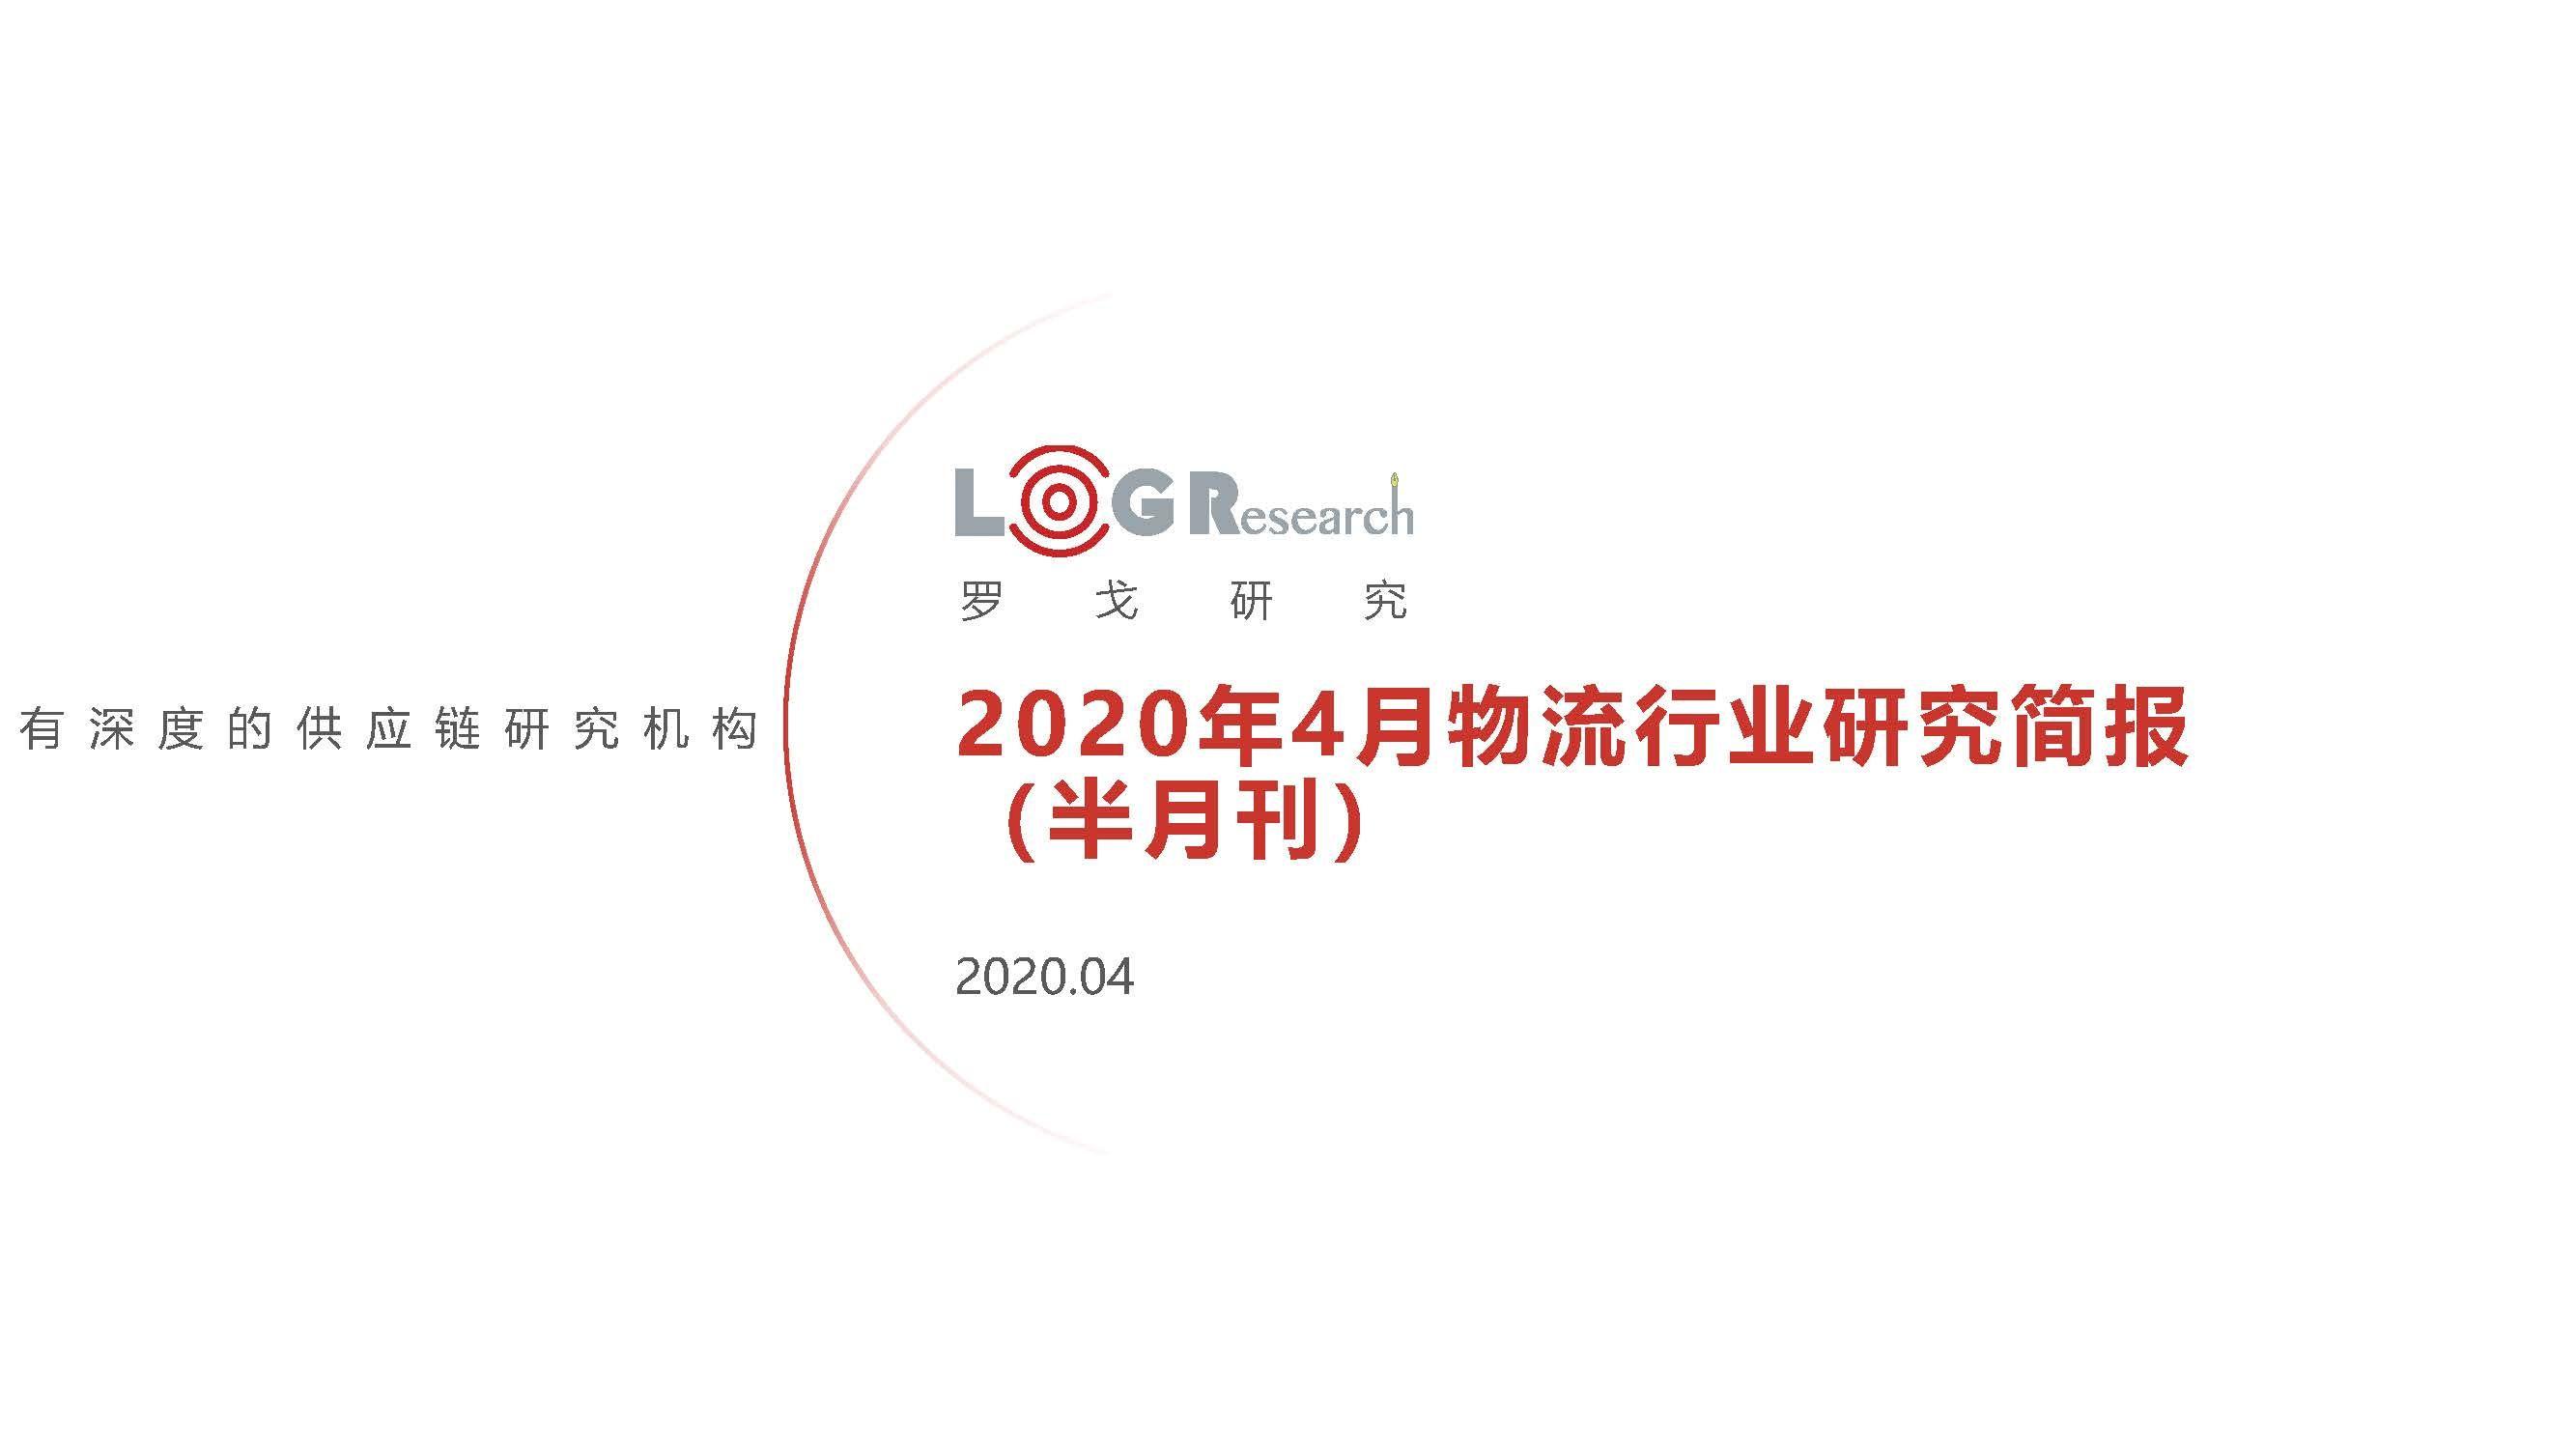 2020年4月物流行業研究簡報(半月刊)